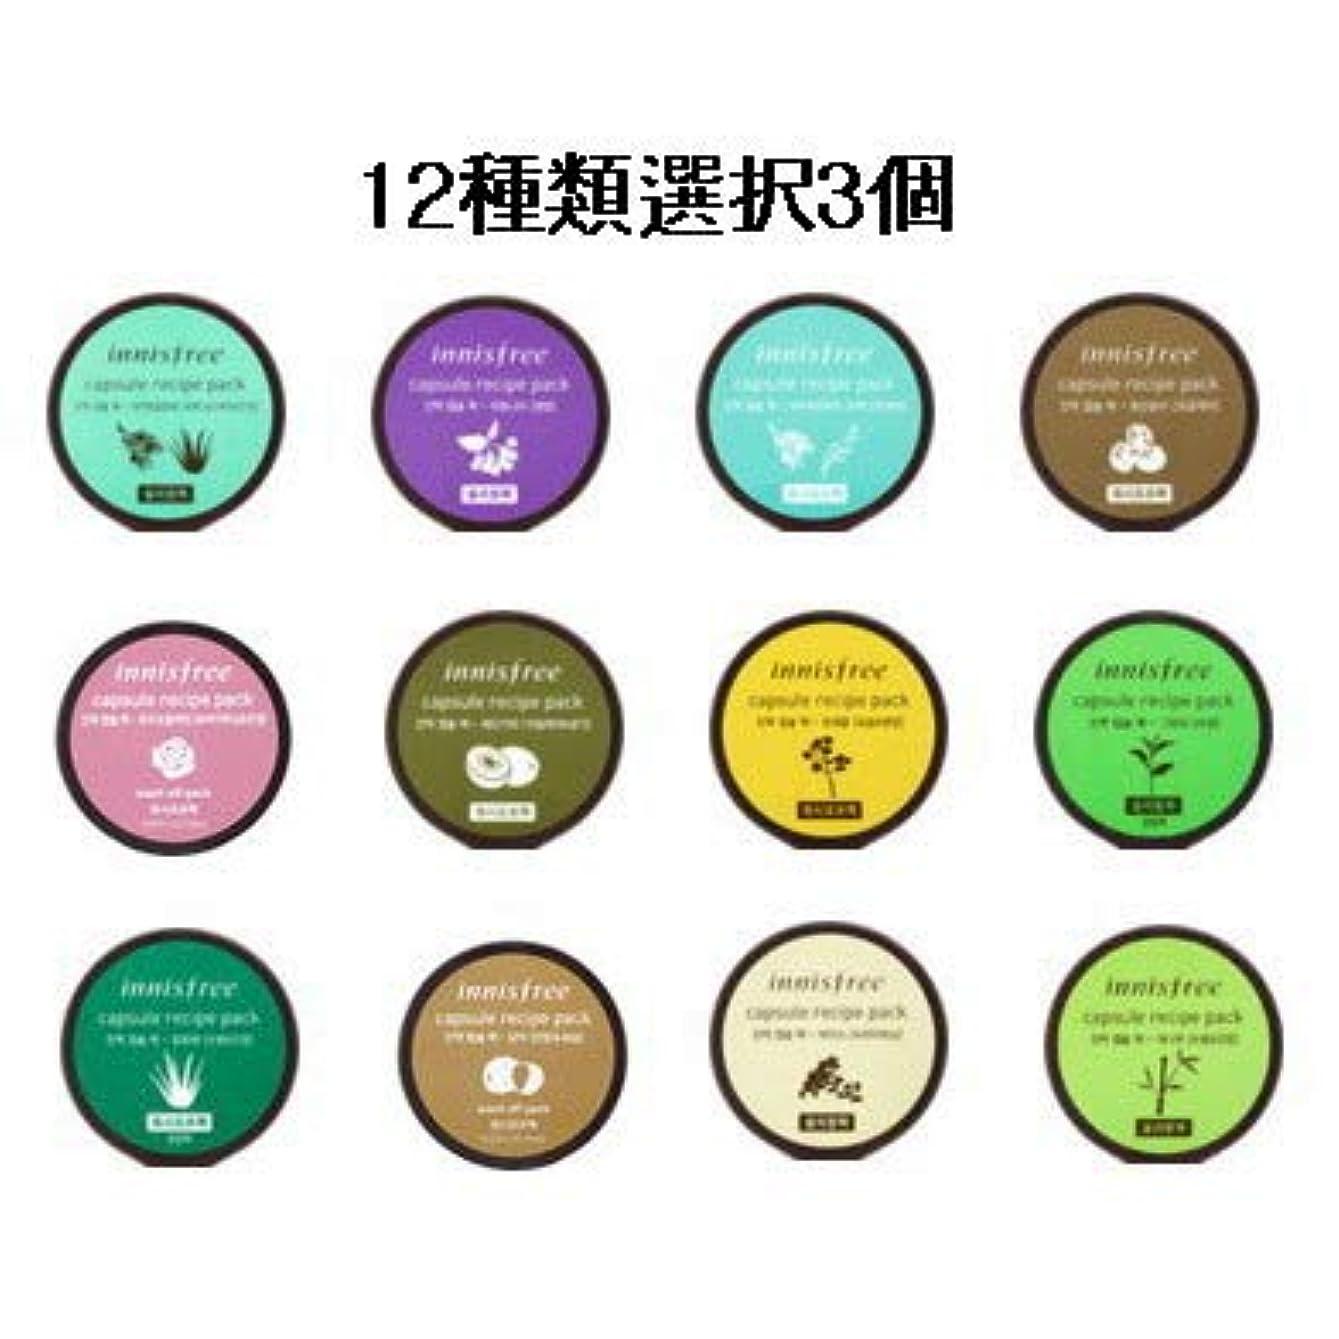 受取人処方ビジュアル【innisfree(イニスフリー)】津液カプセルパック10ml×3個 (12種類選択3個) [並行輸入品]